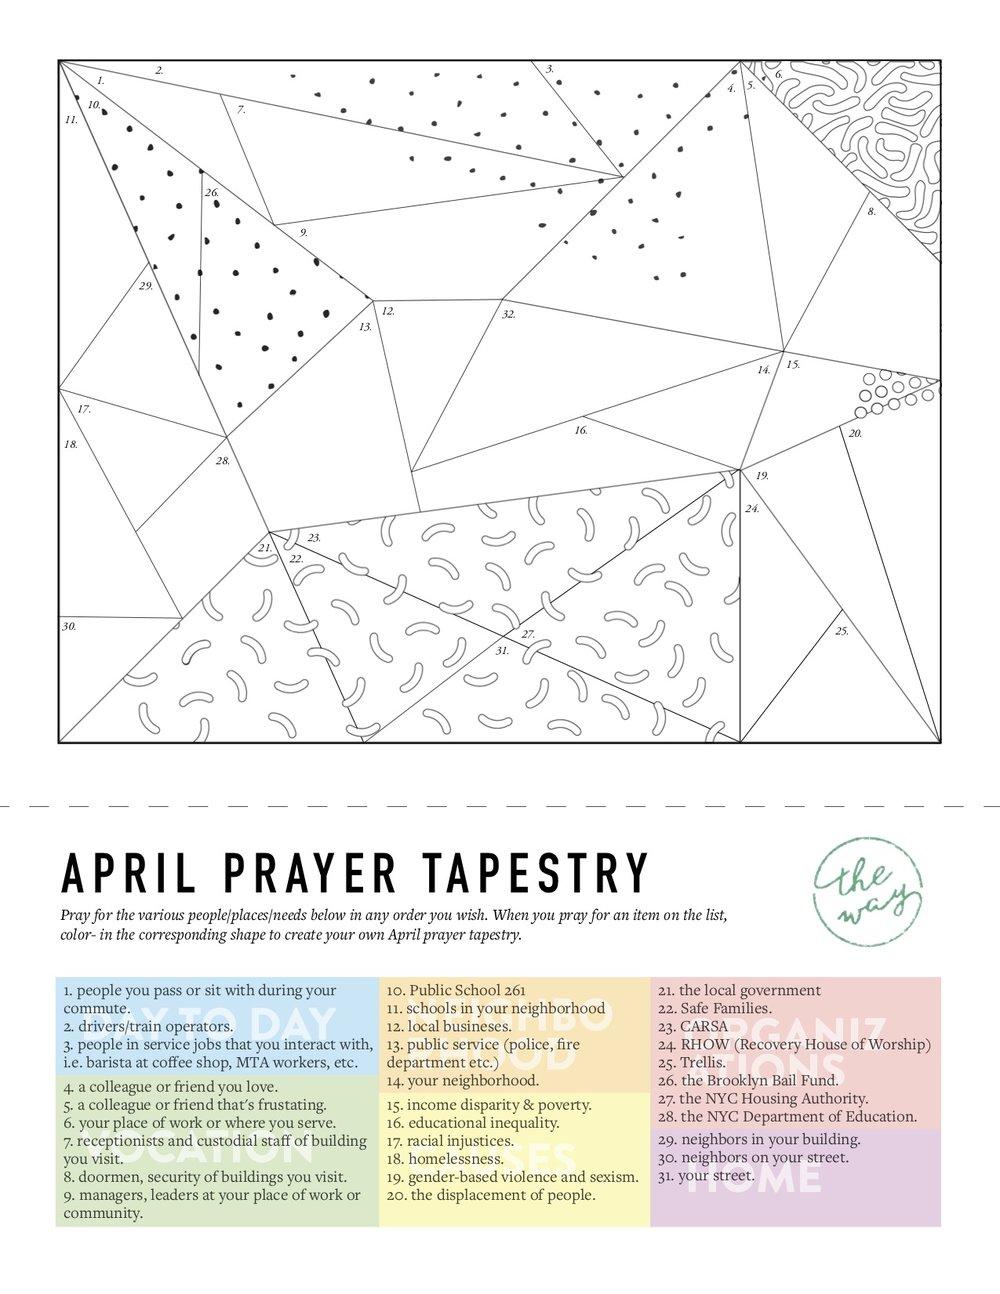 April_Prayer_Tapestry.jpg